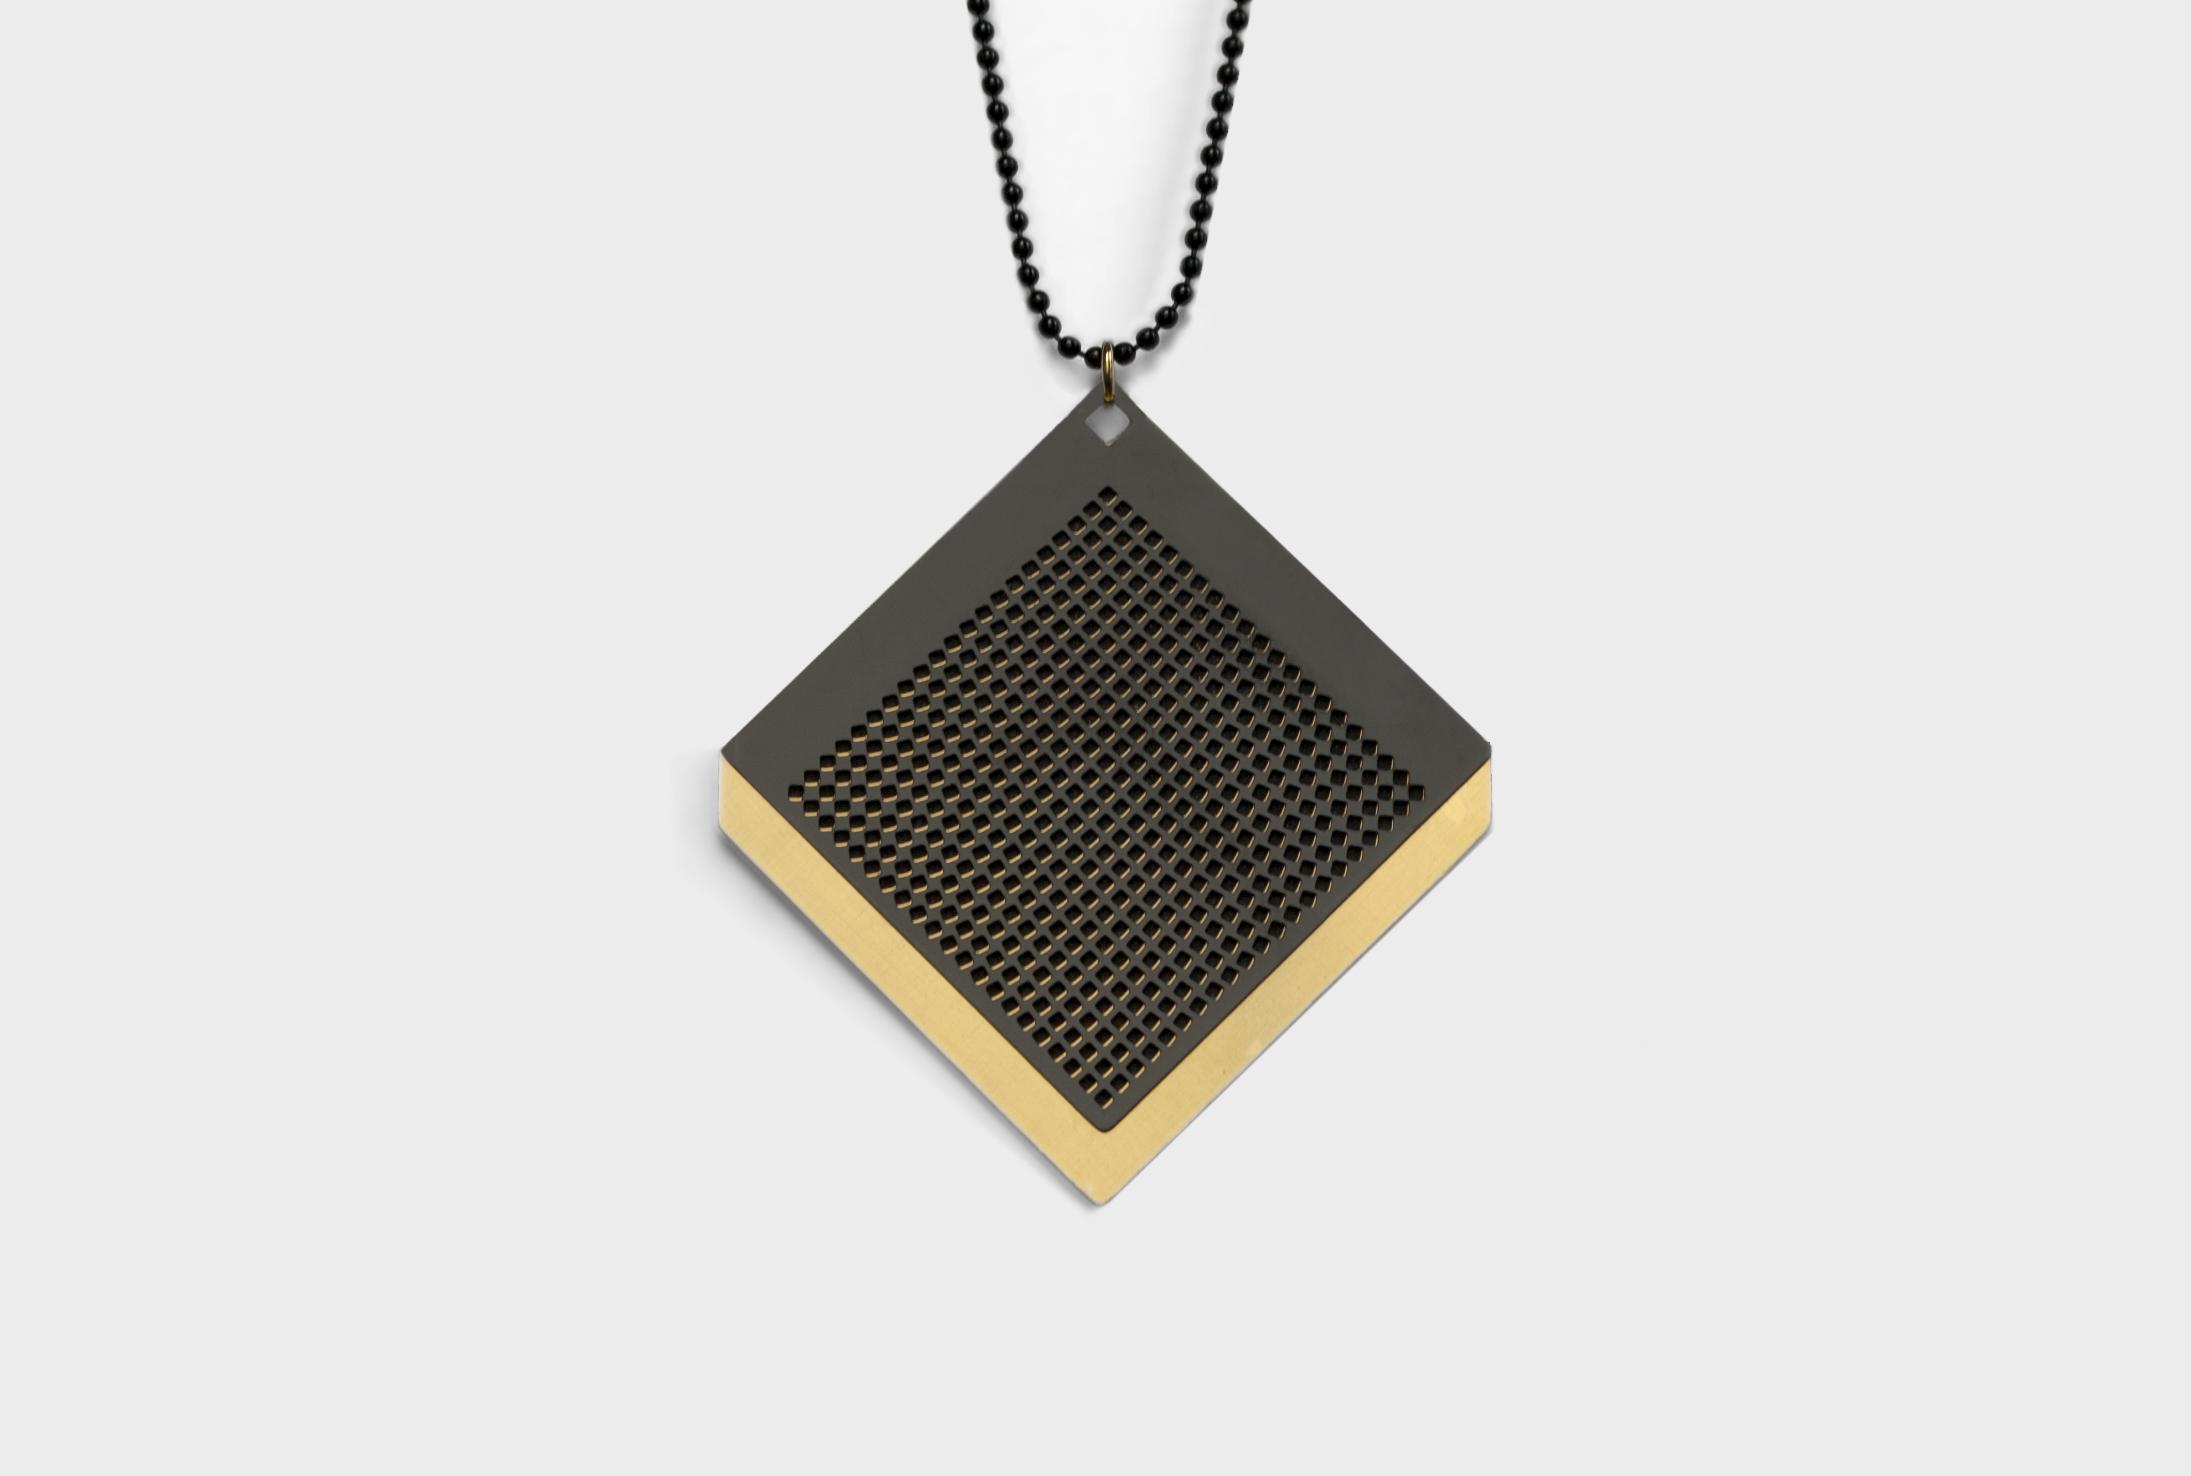 Moire Jewelry-style3-HR-David Derksen Design.jpg